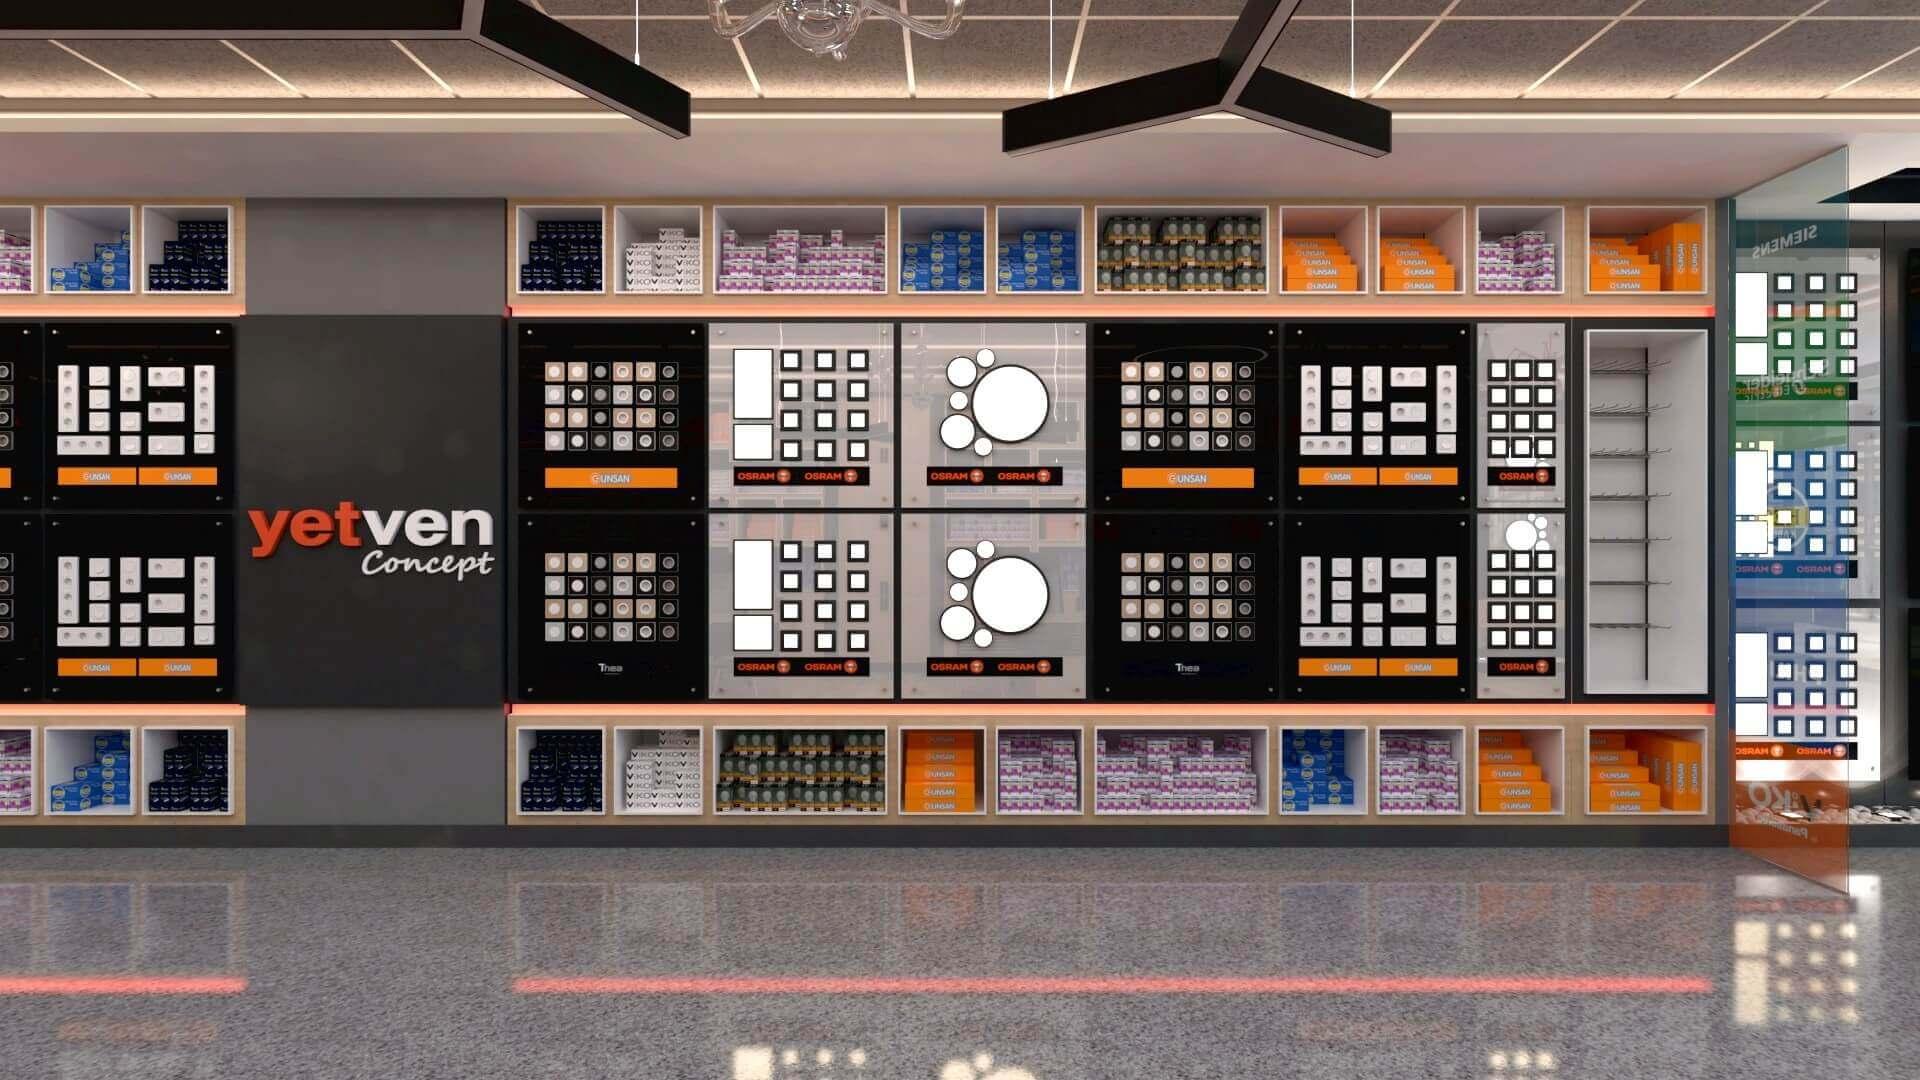 dükkan tasarımı 2043 Yetven Elektrik / Ostim Perakende